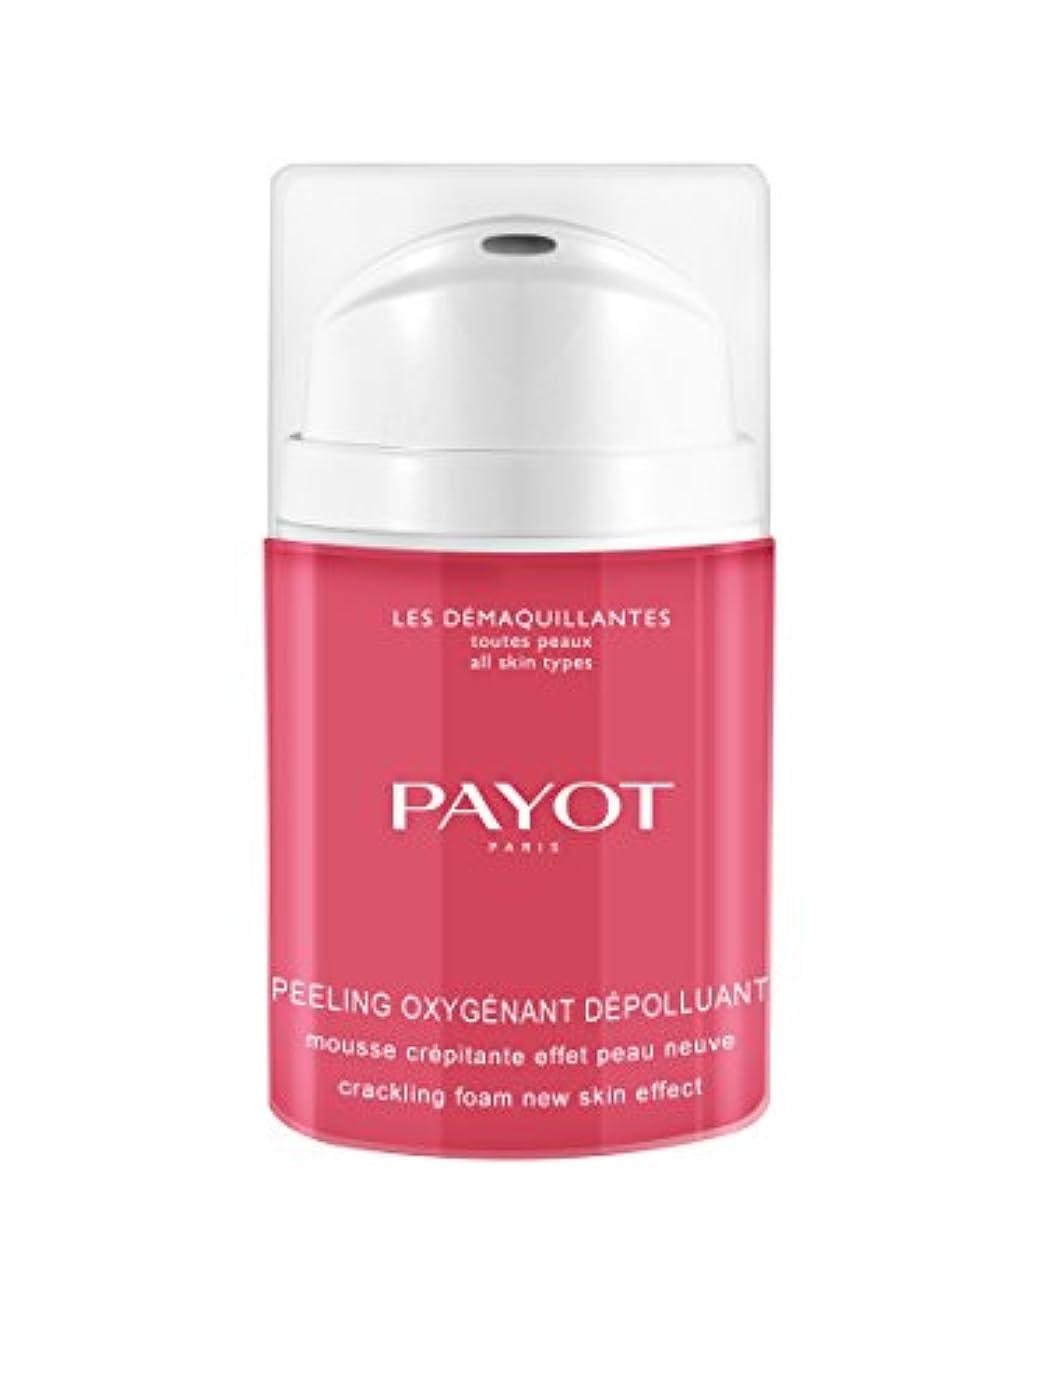 ハリウッド特異なデッドパイヨ Les Demaquillantes Peeling Oxygenant Depolluant - Cracking Foam New Skin Effect 40ml/1.35oz並行輸入品